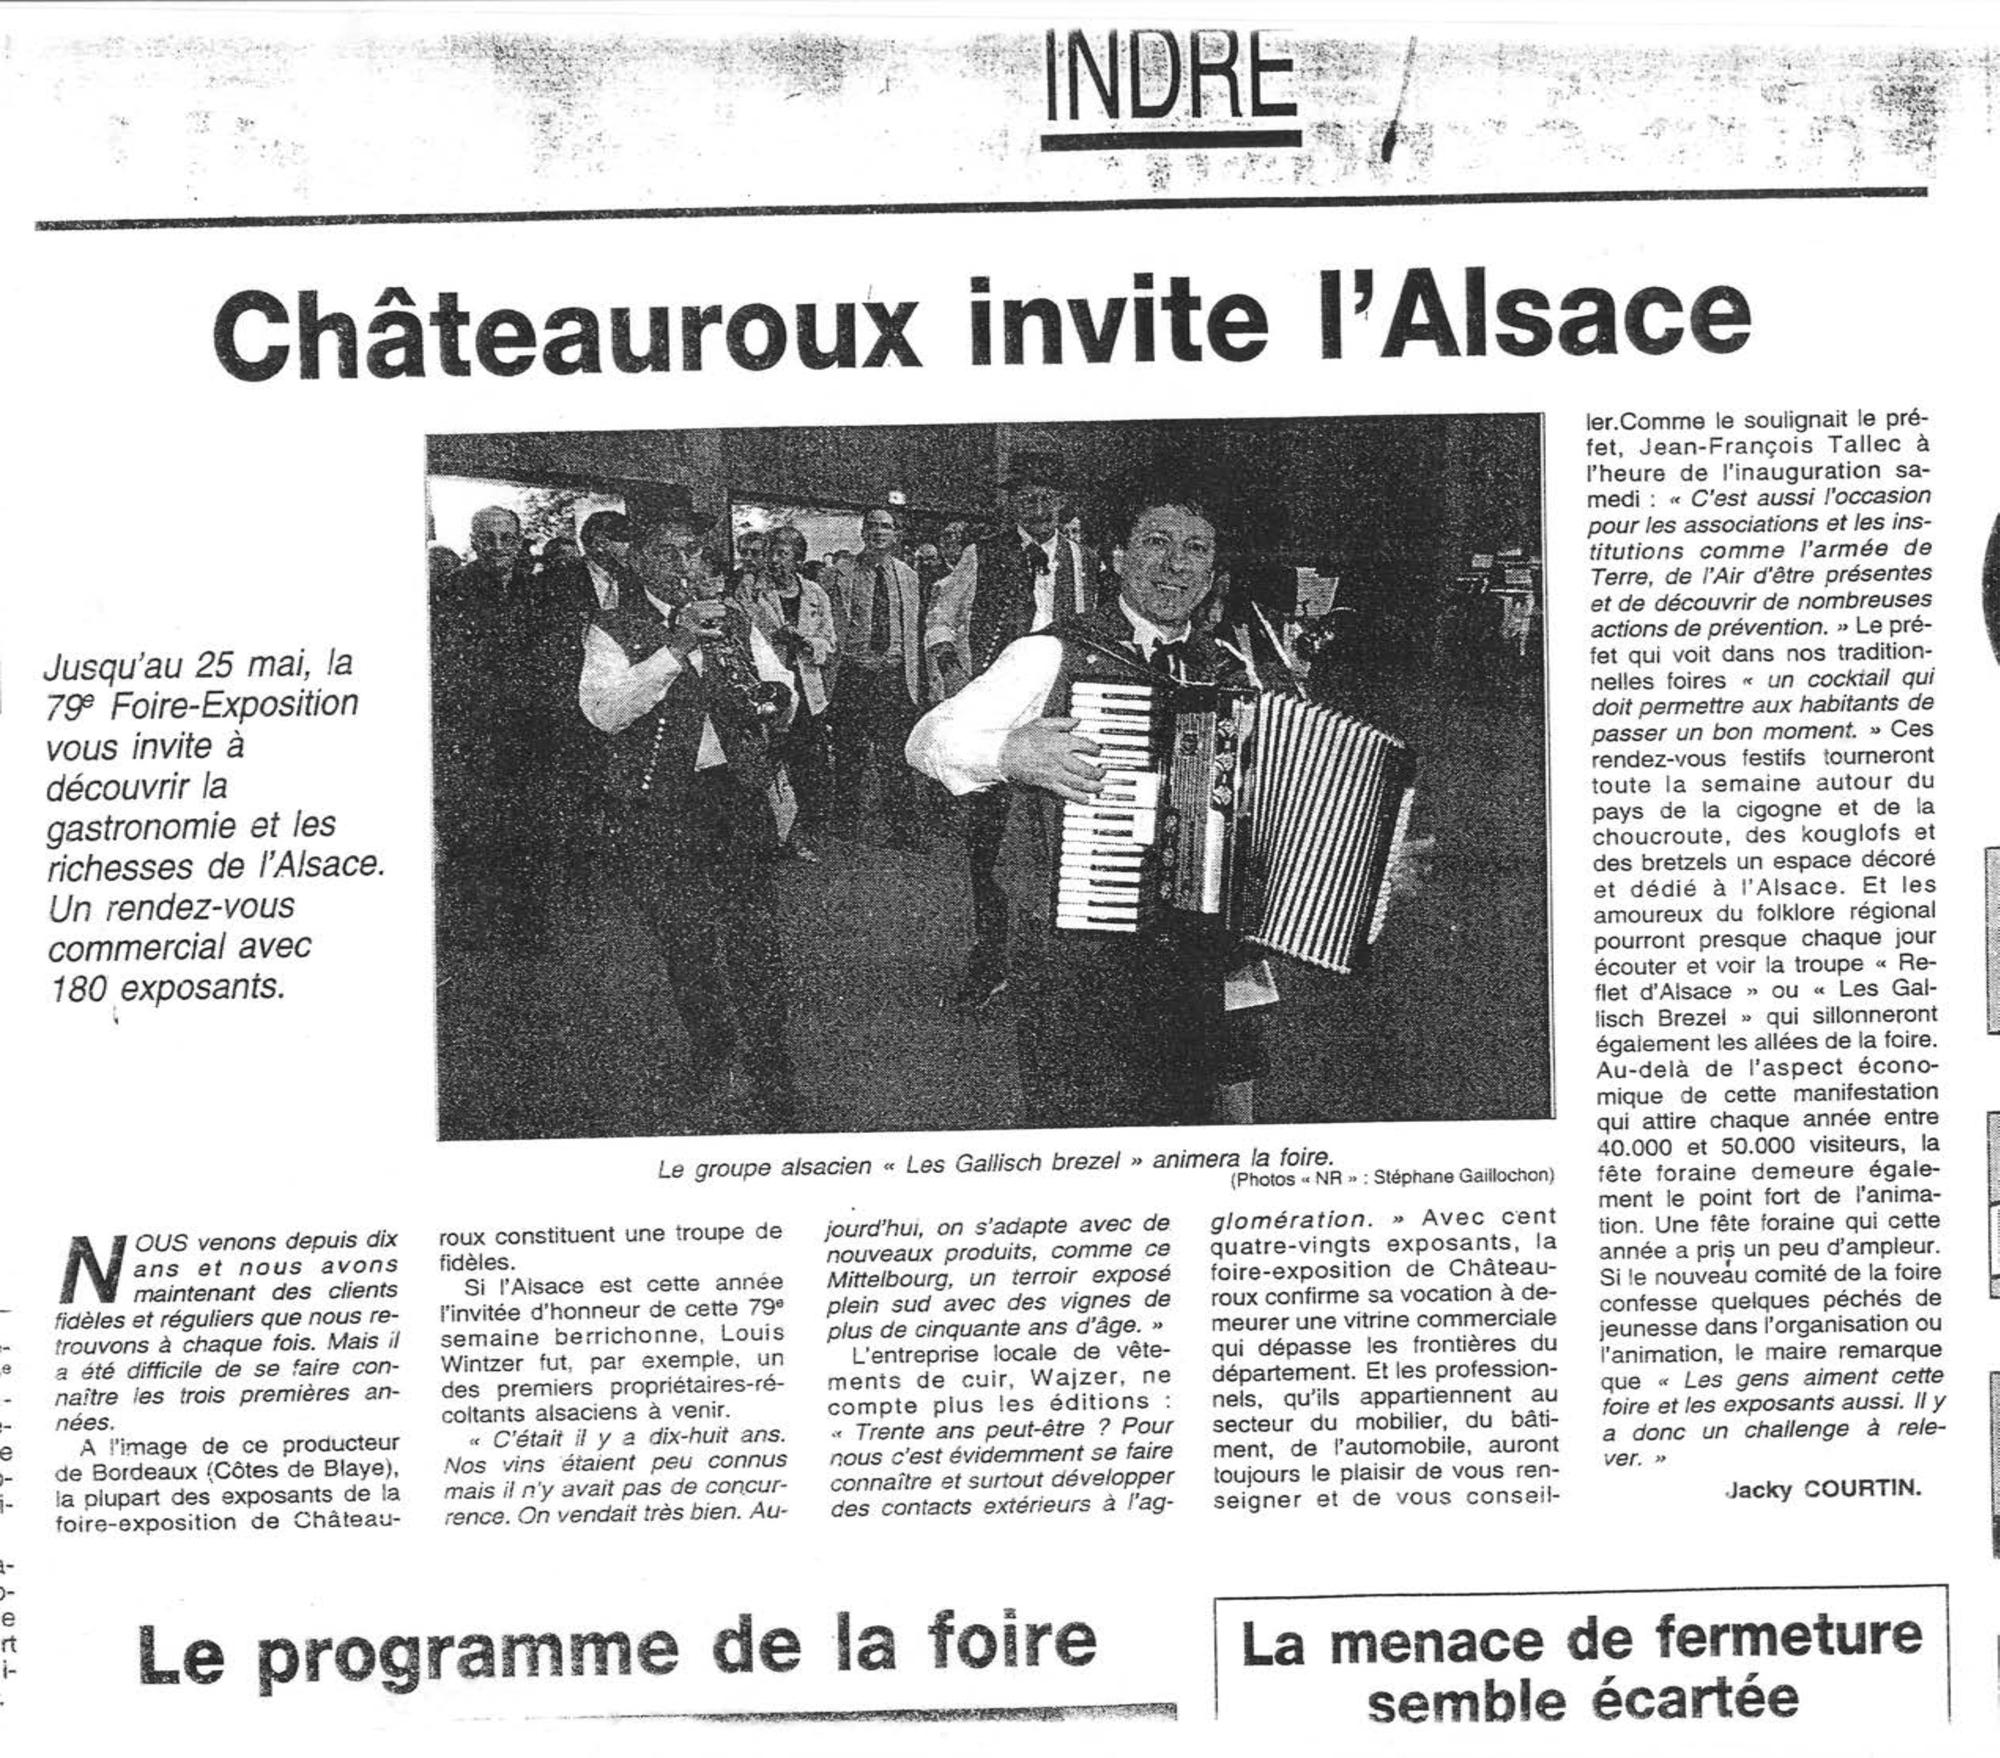 2003 GB Châteauroux presse -1